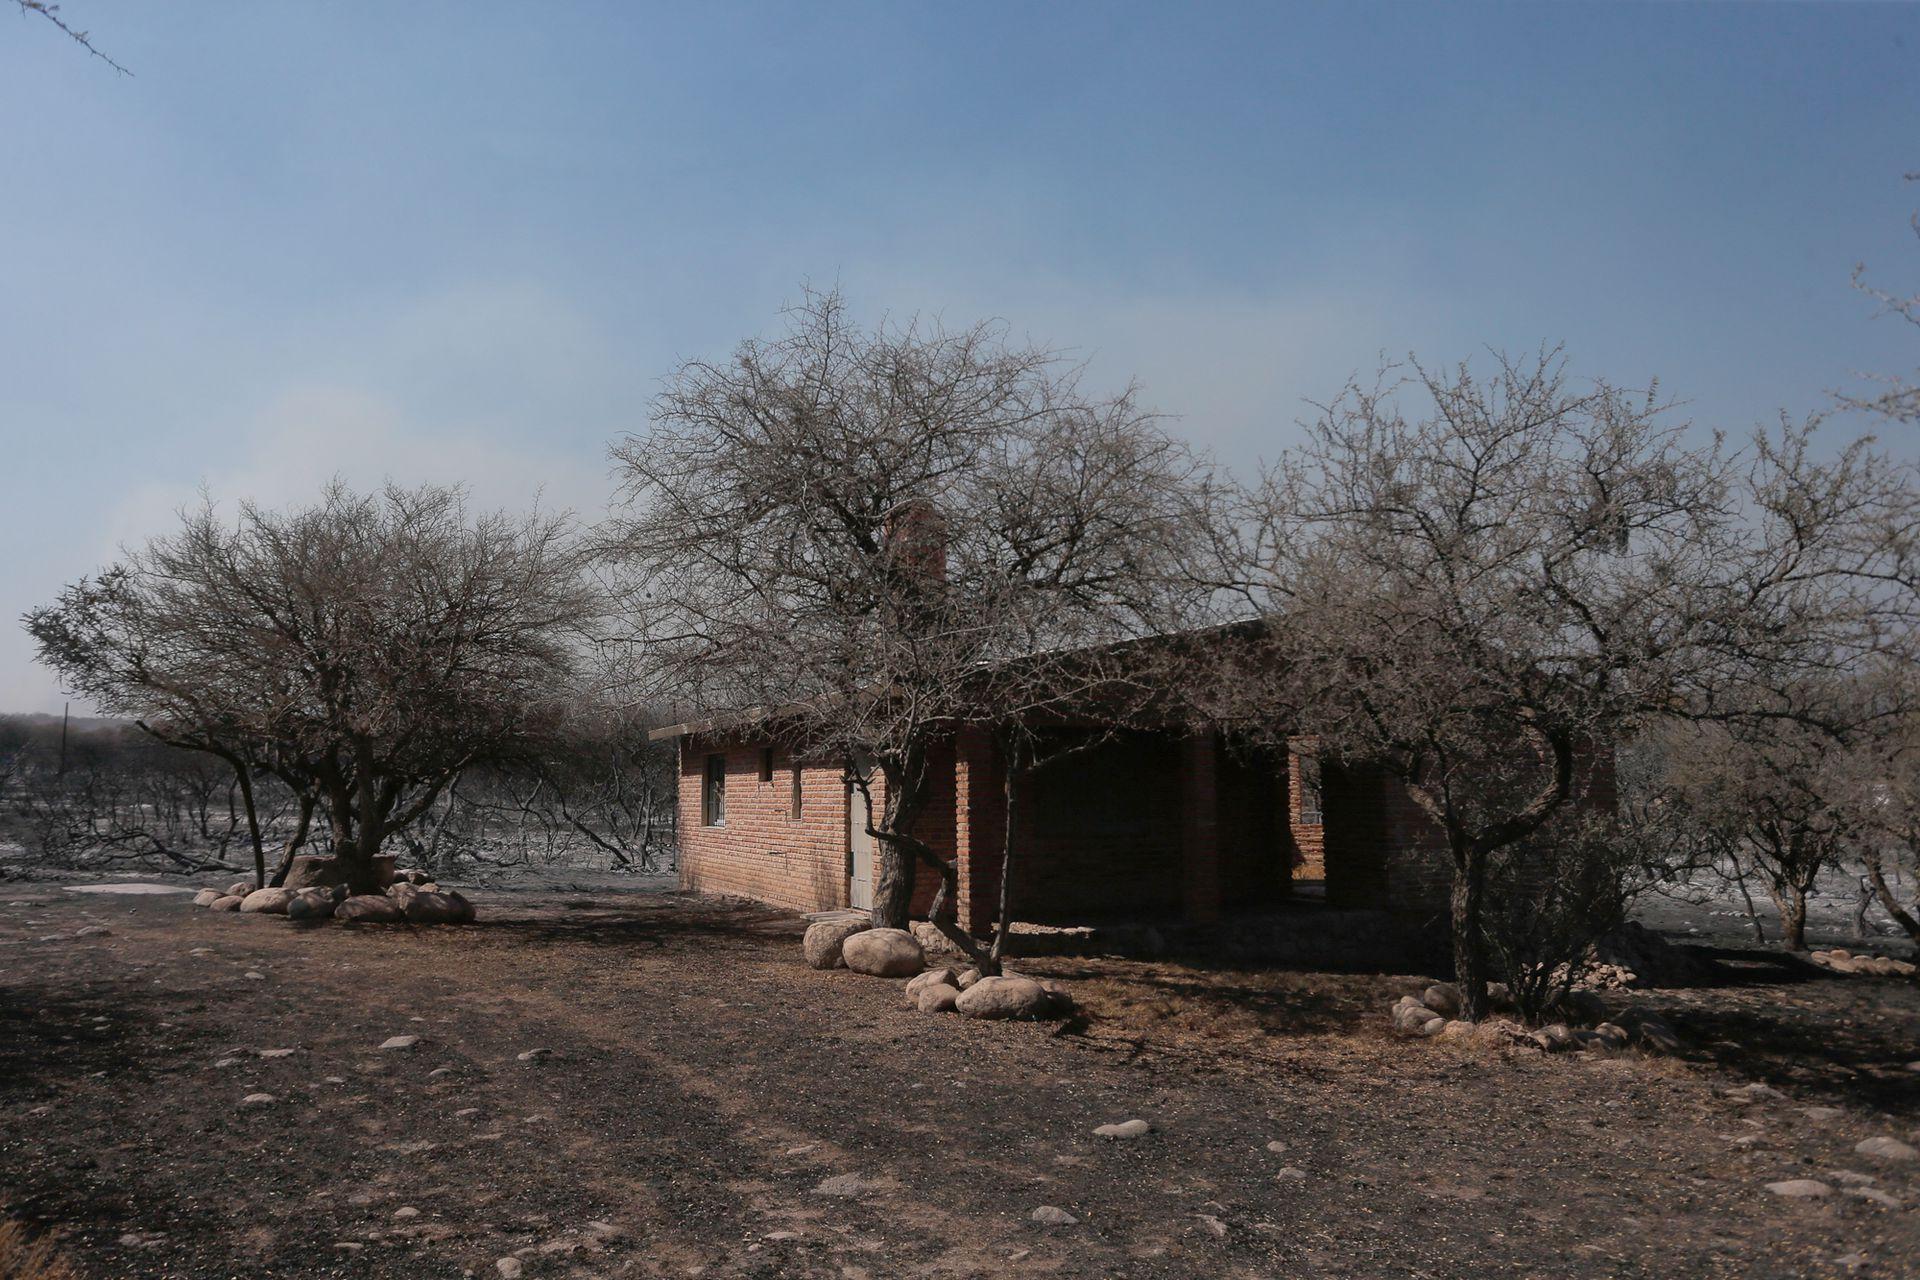 Hoy los bomberos continuan trabajando contra el fuego en la zona de Capilla del Monte y en un extenso sector colindante a las ciudades de Cosquín, Bialet Massé, Santa María de Punilla, Comuna de San Roque y La Calera.